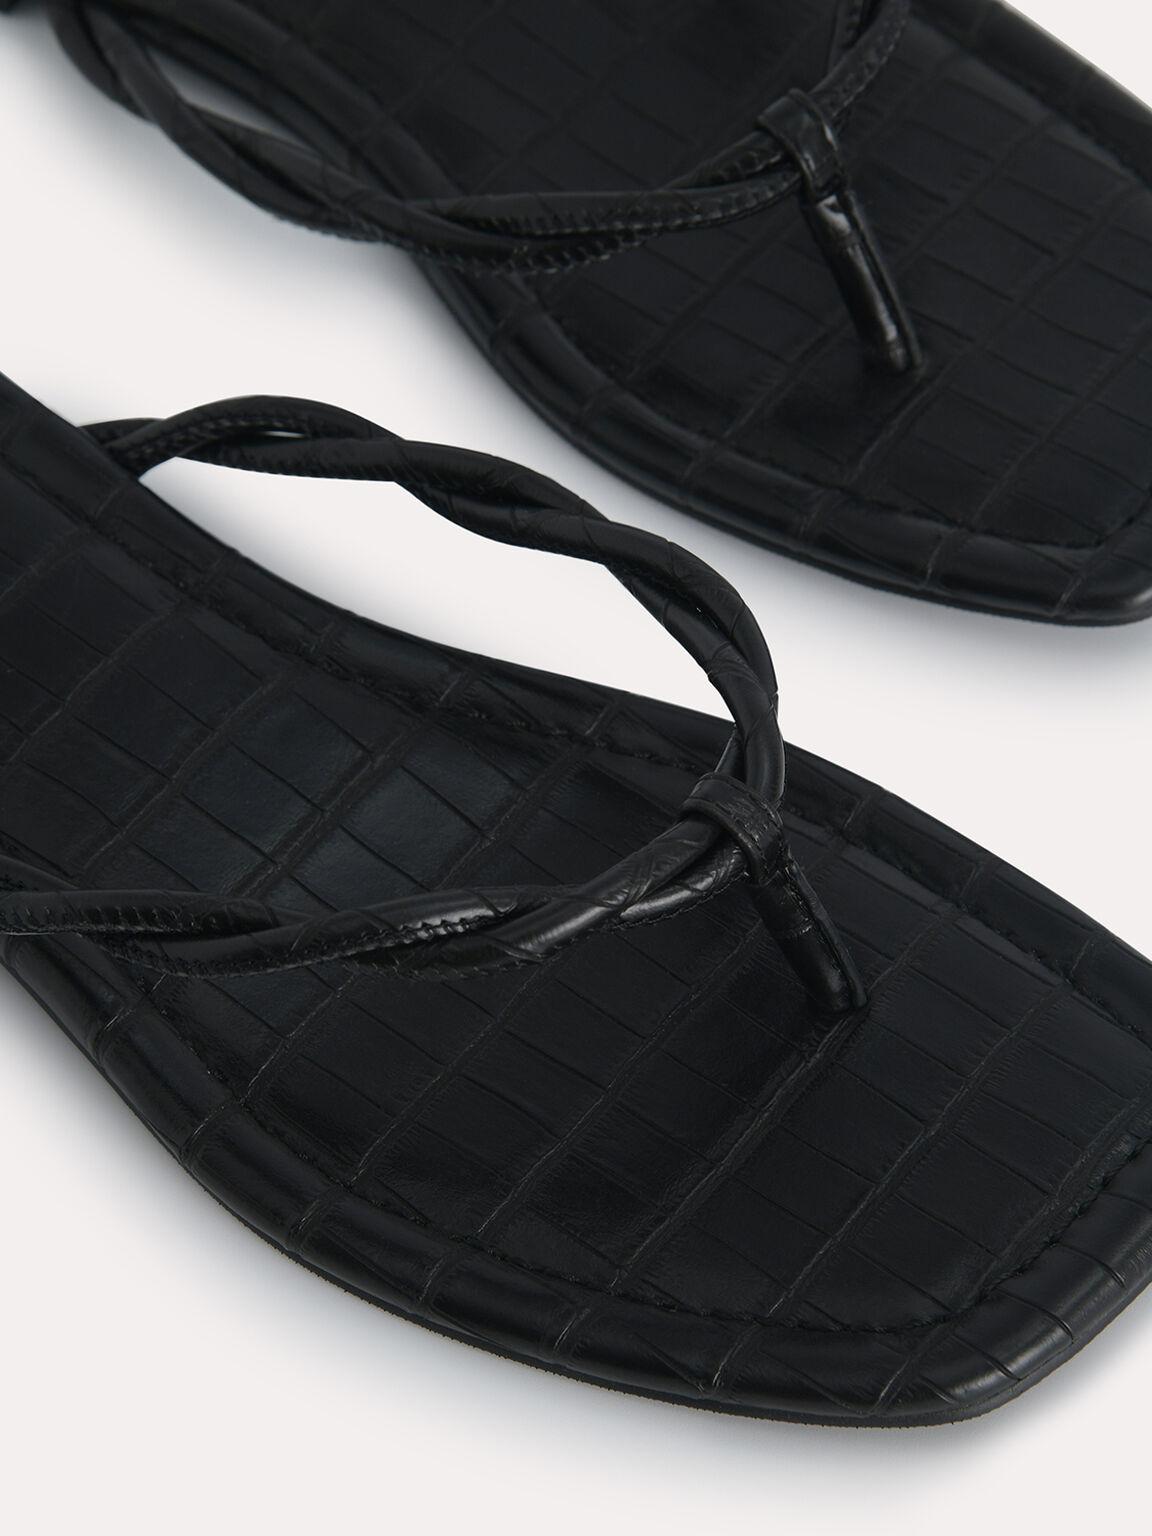 Croc-Effect Thong Sandals, Black, hi-res